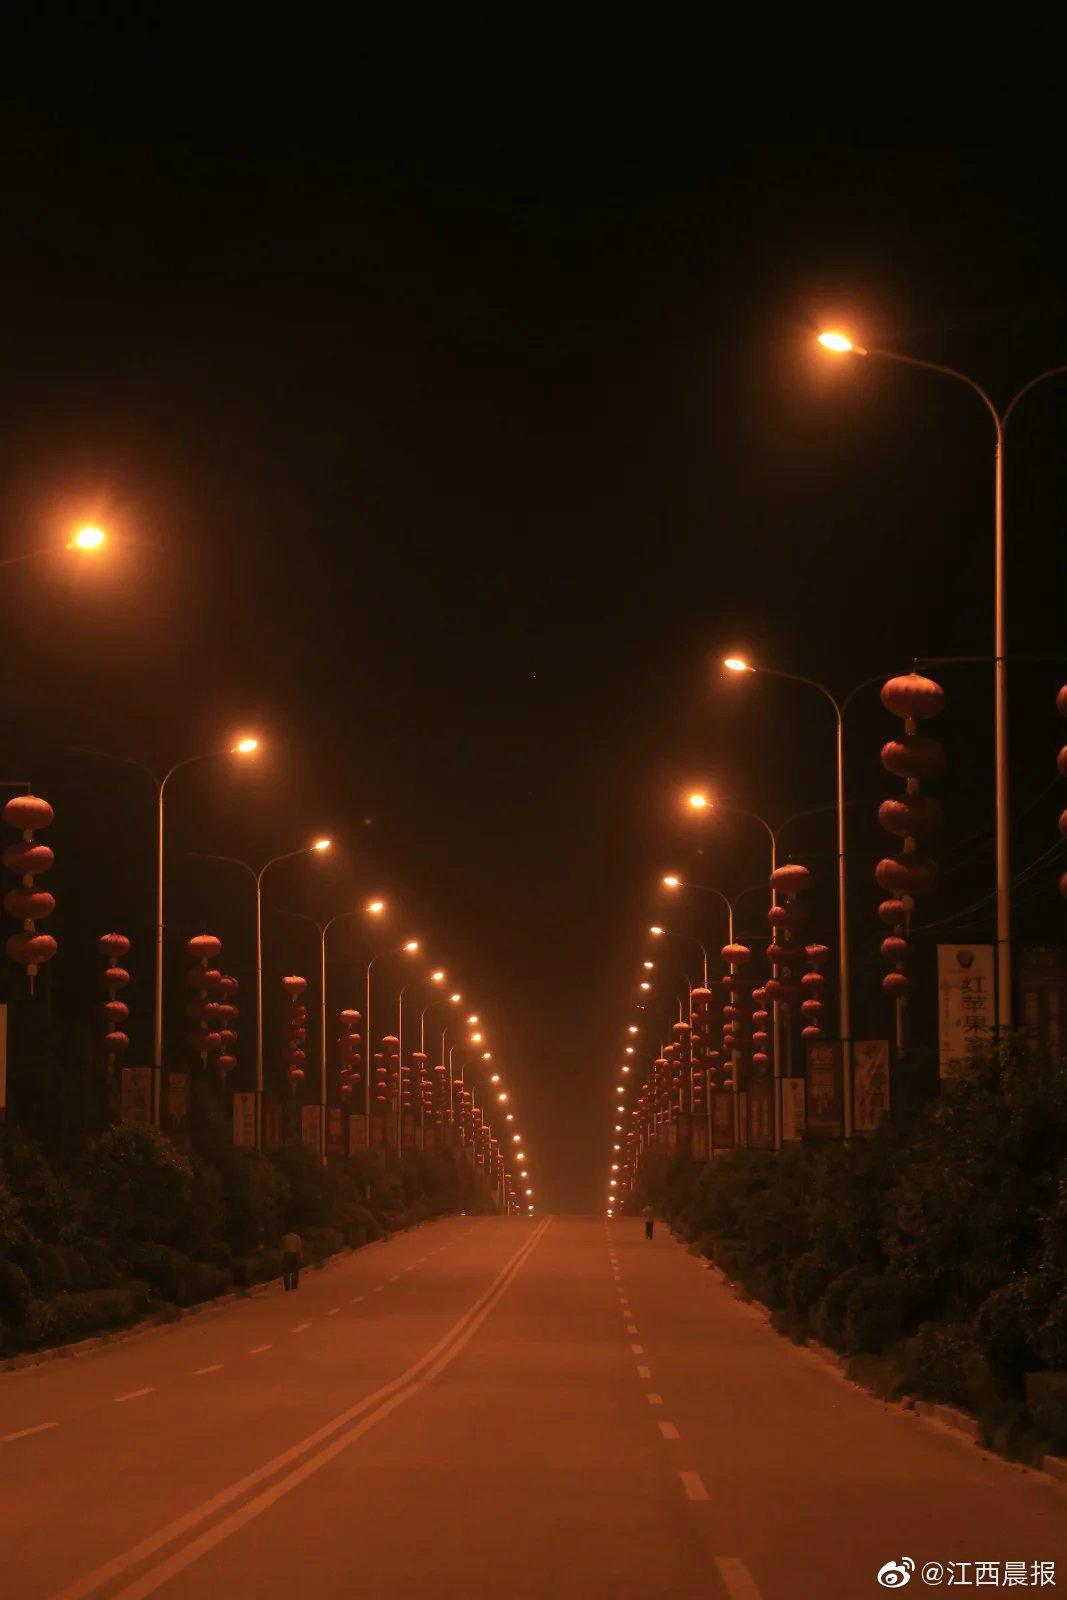 人生的路,走走停停是一种闲适,边走边看是一种优雅,边走边忘……